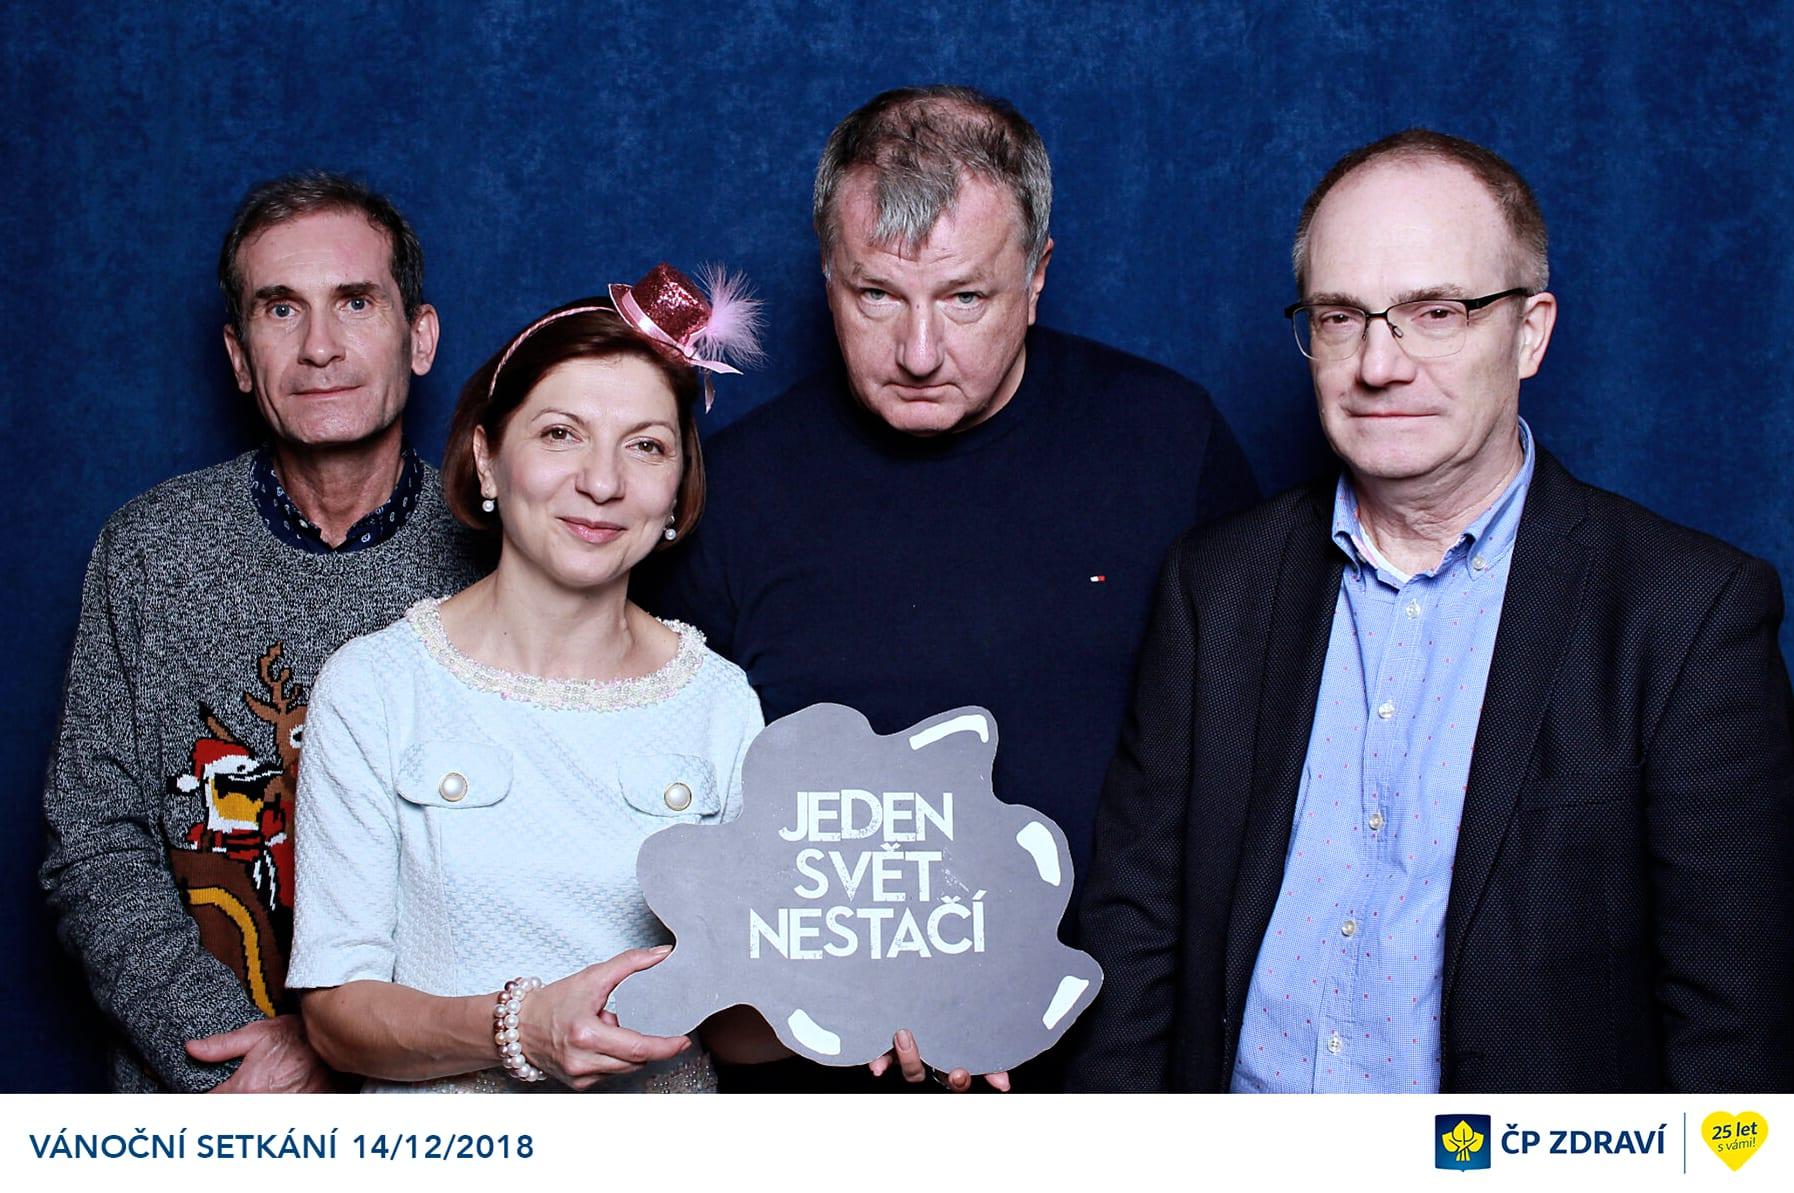 fotokoutek-cp-zdravi-14-12-2018-547811